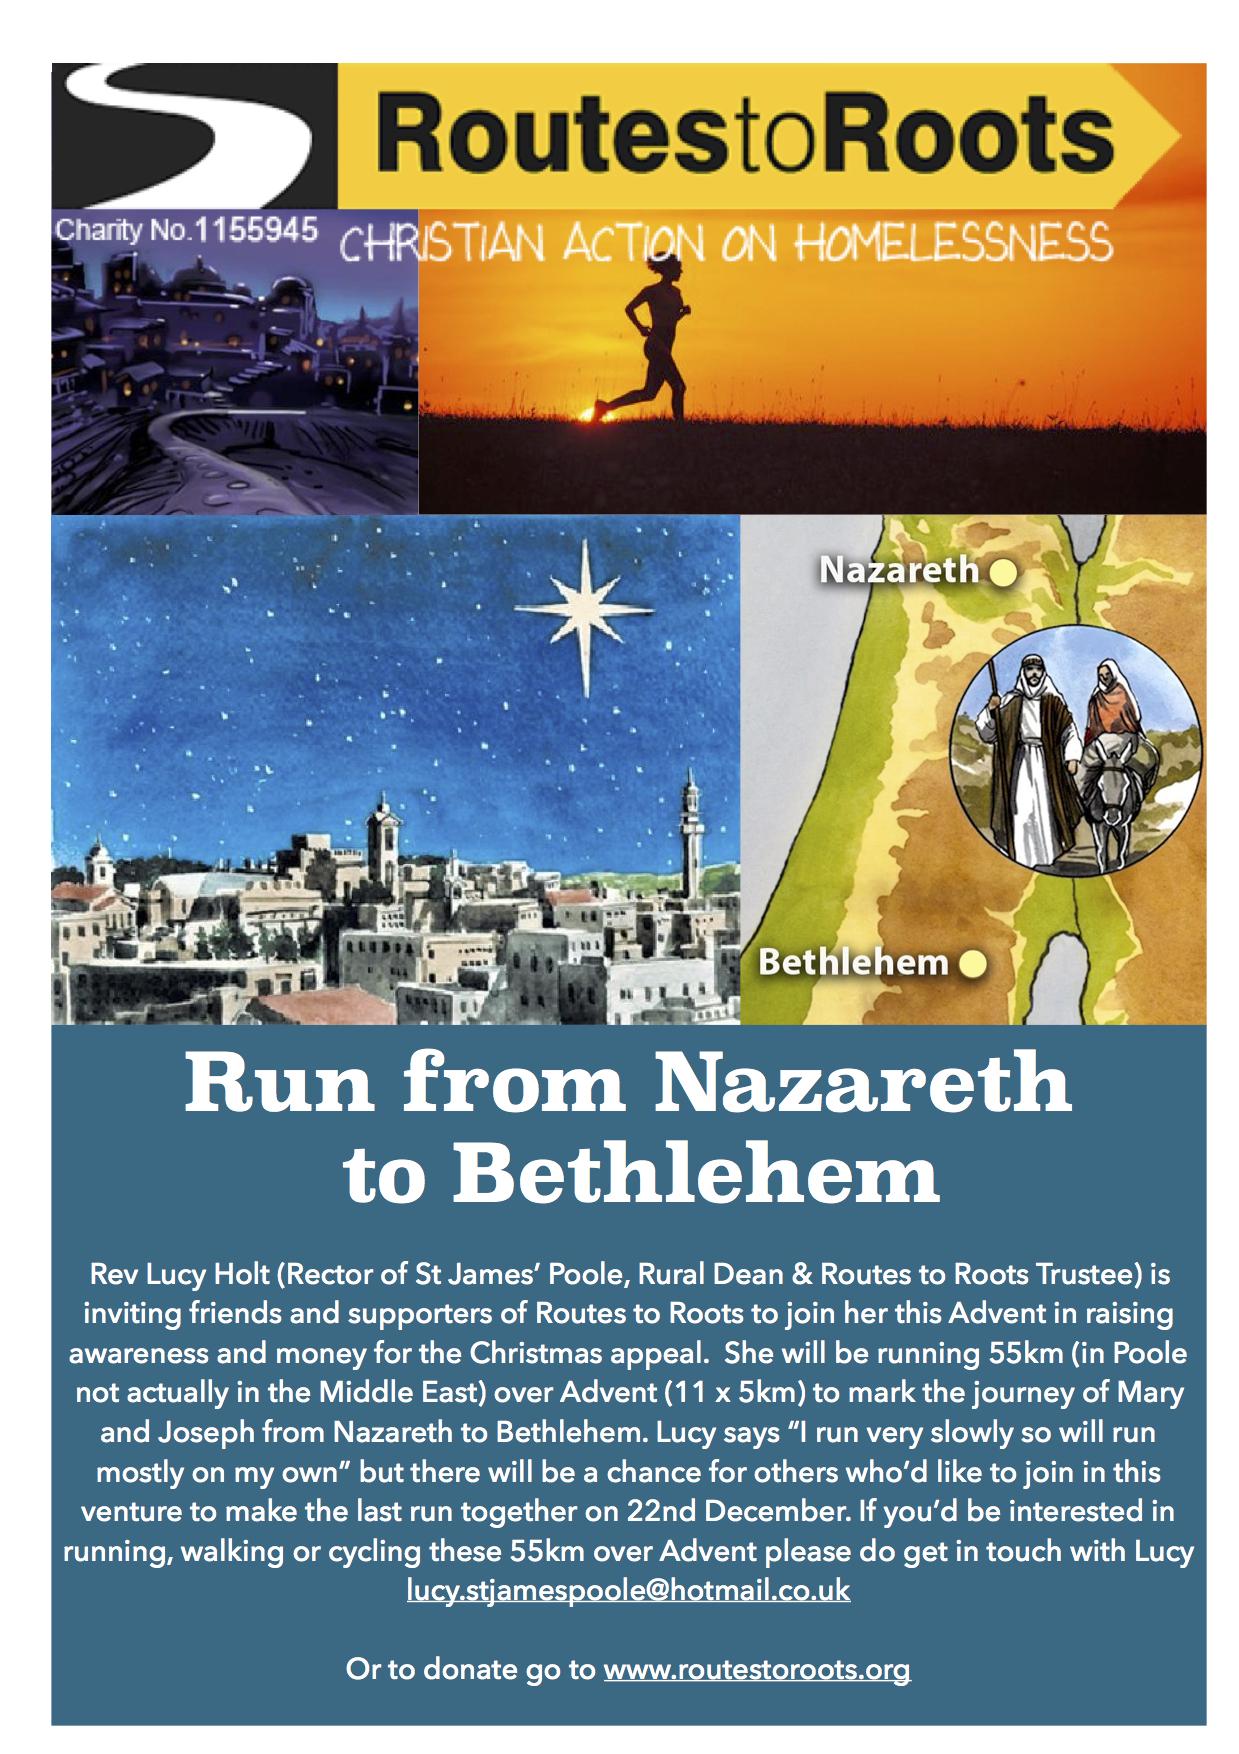 NazarethBethlehem